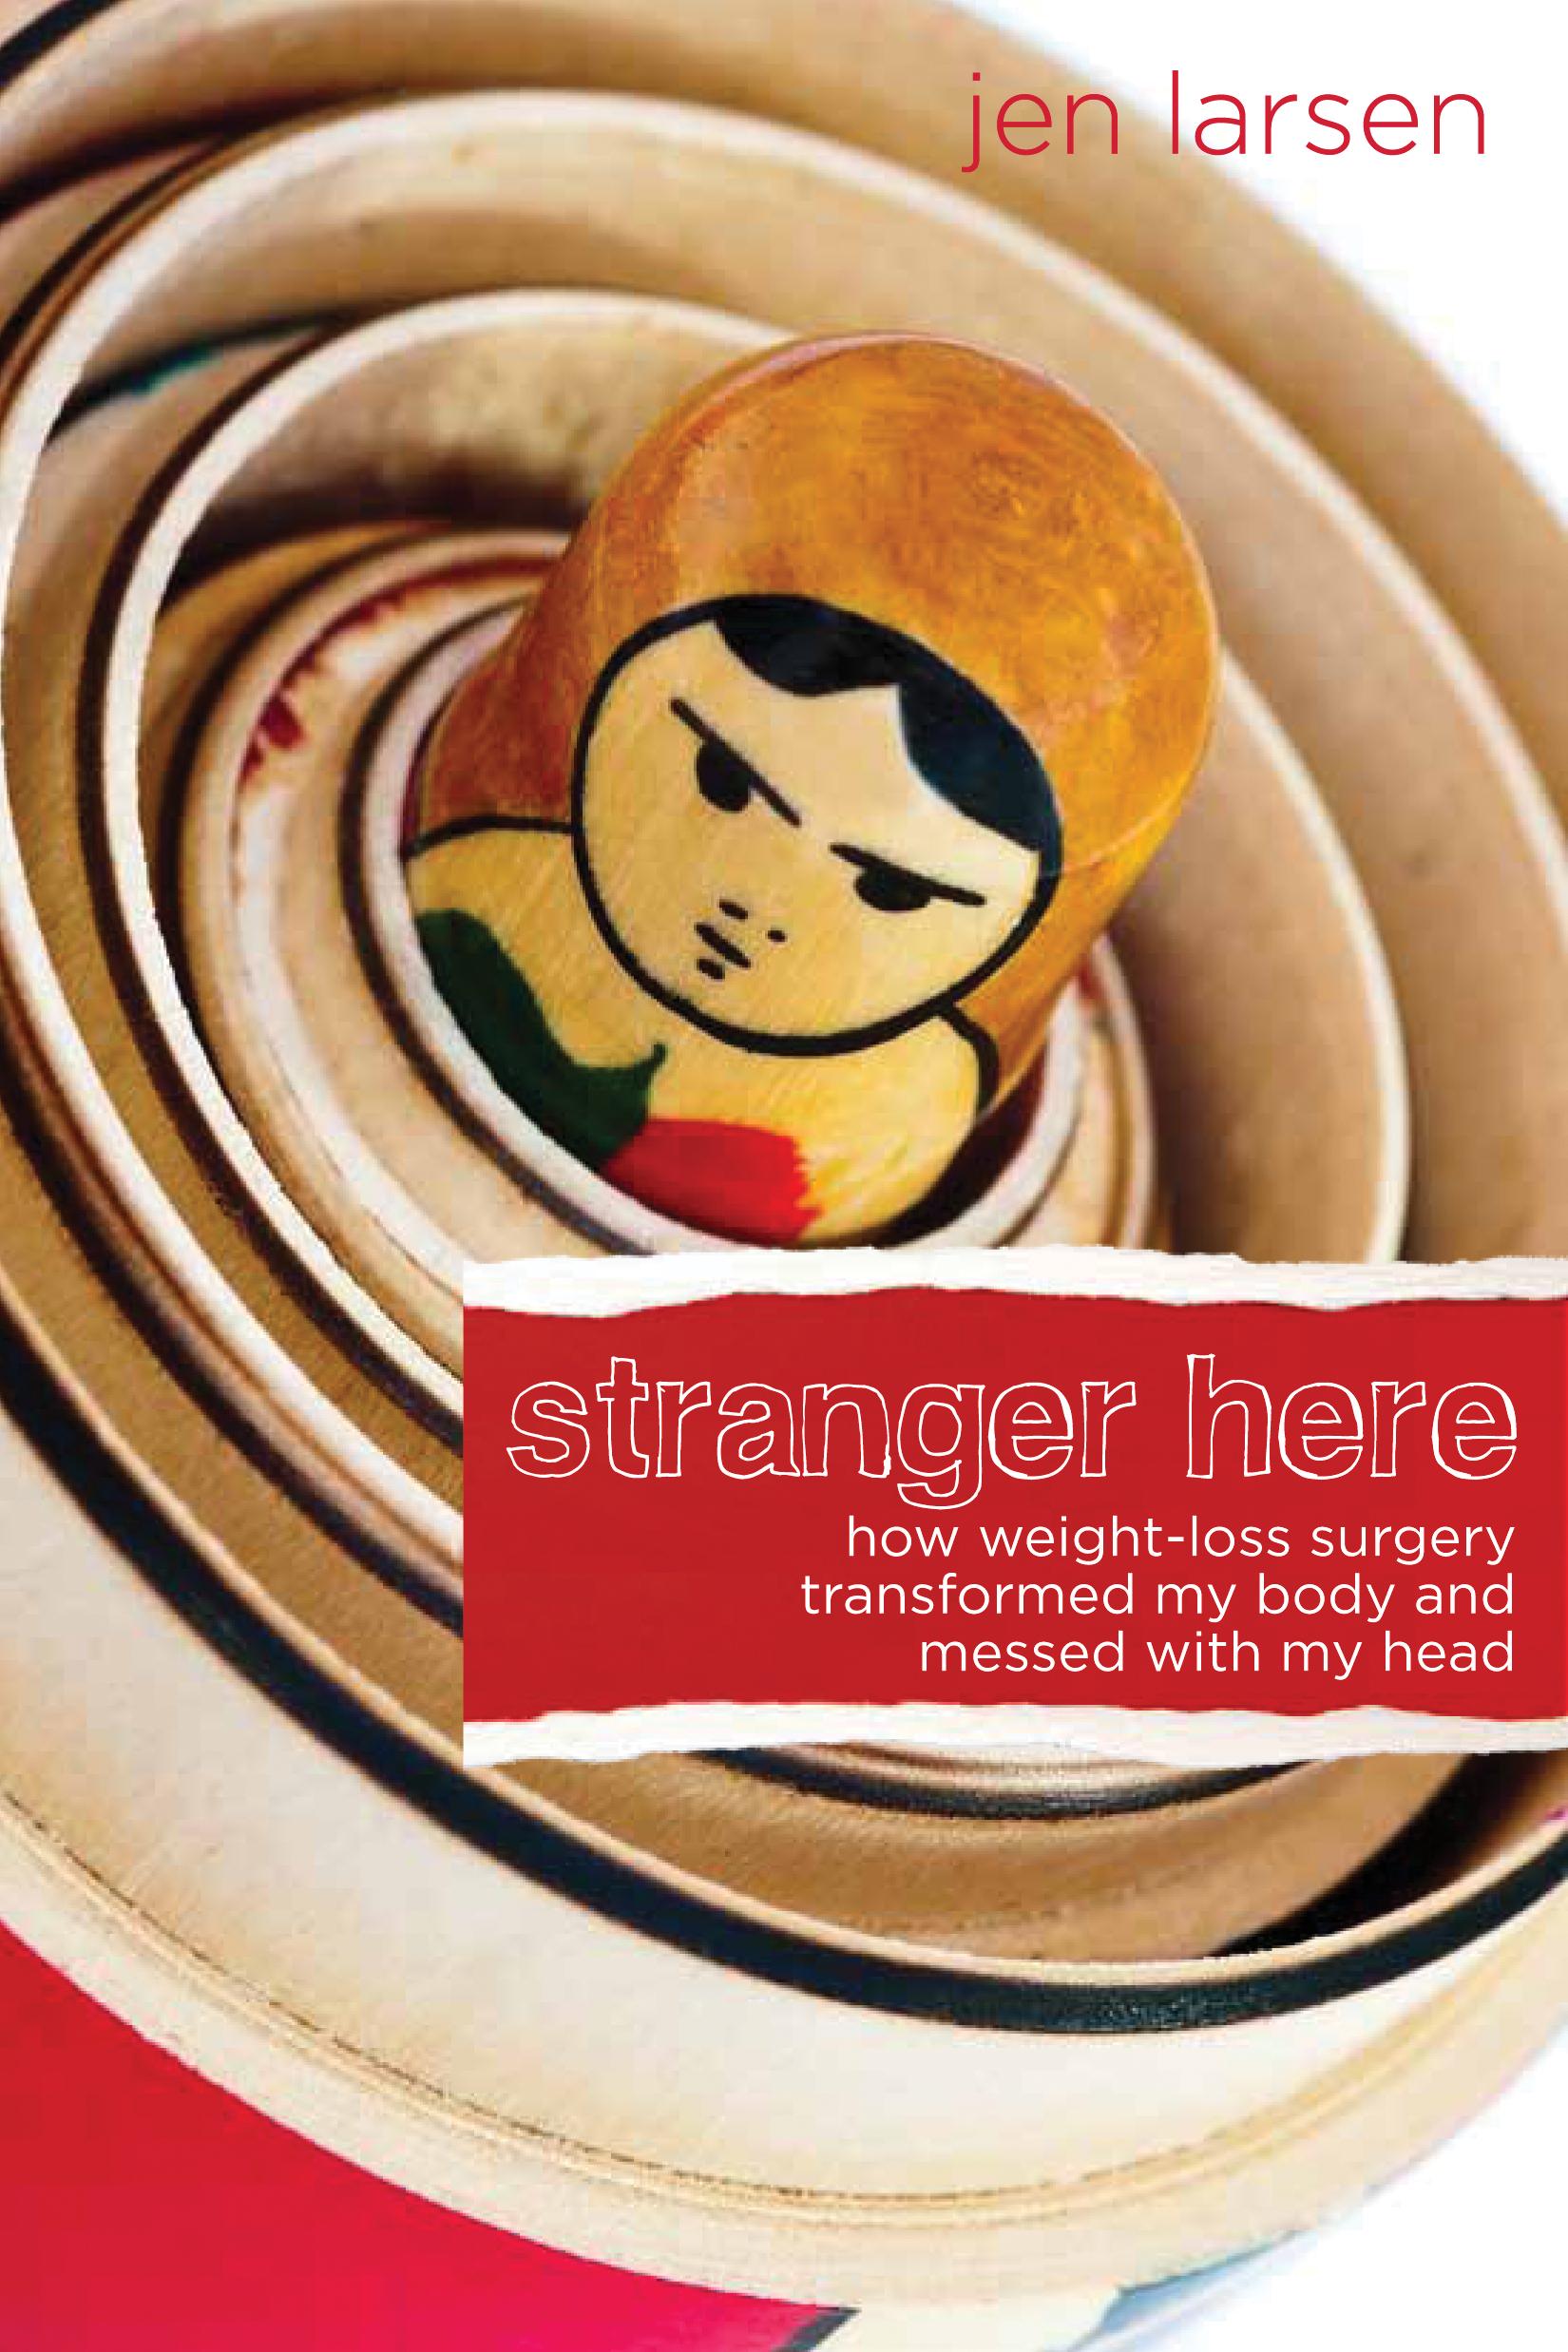 2013-03-27-strangerhereprint.jpg